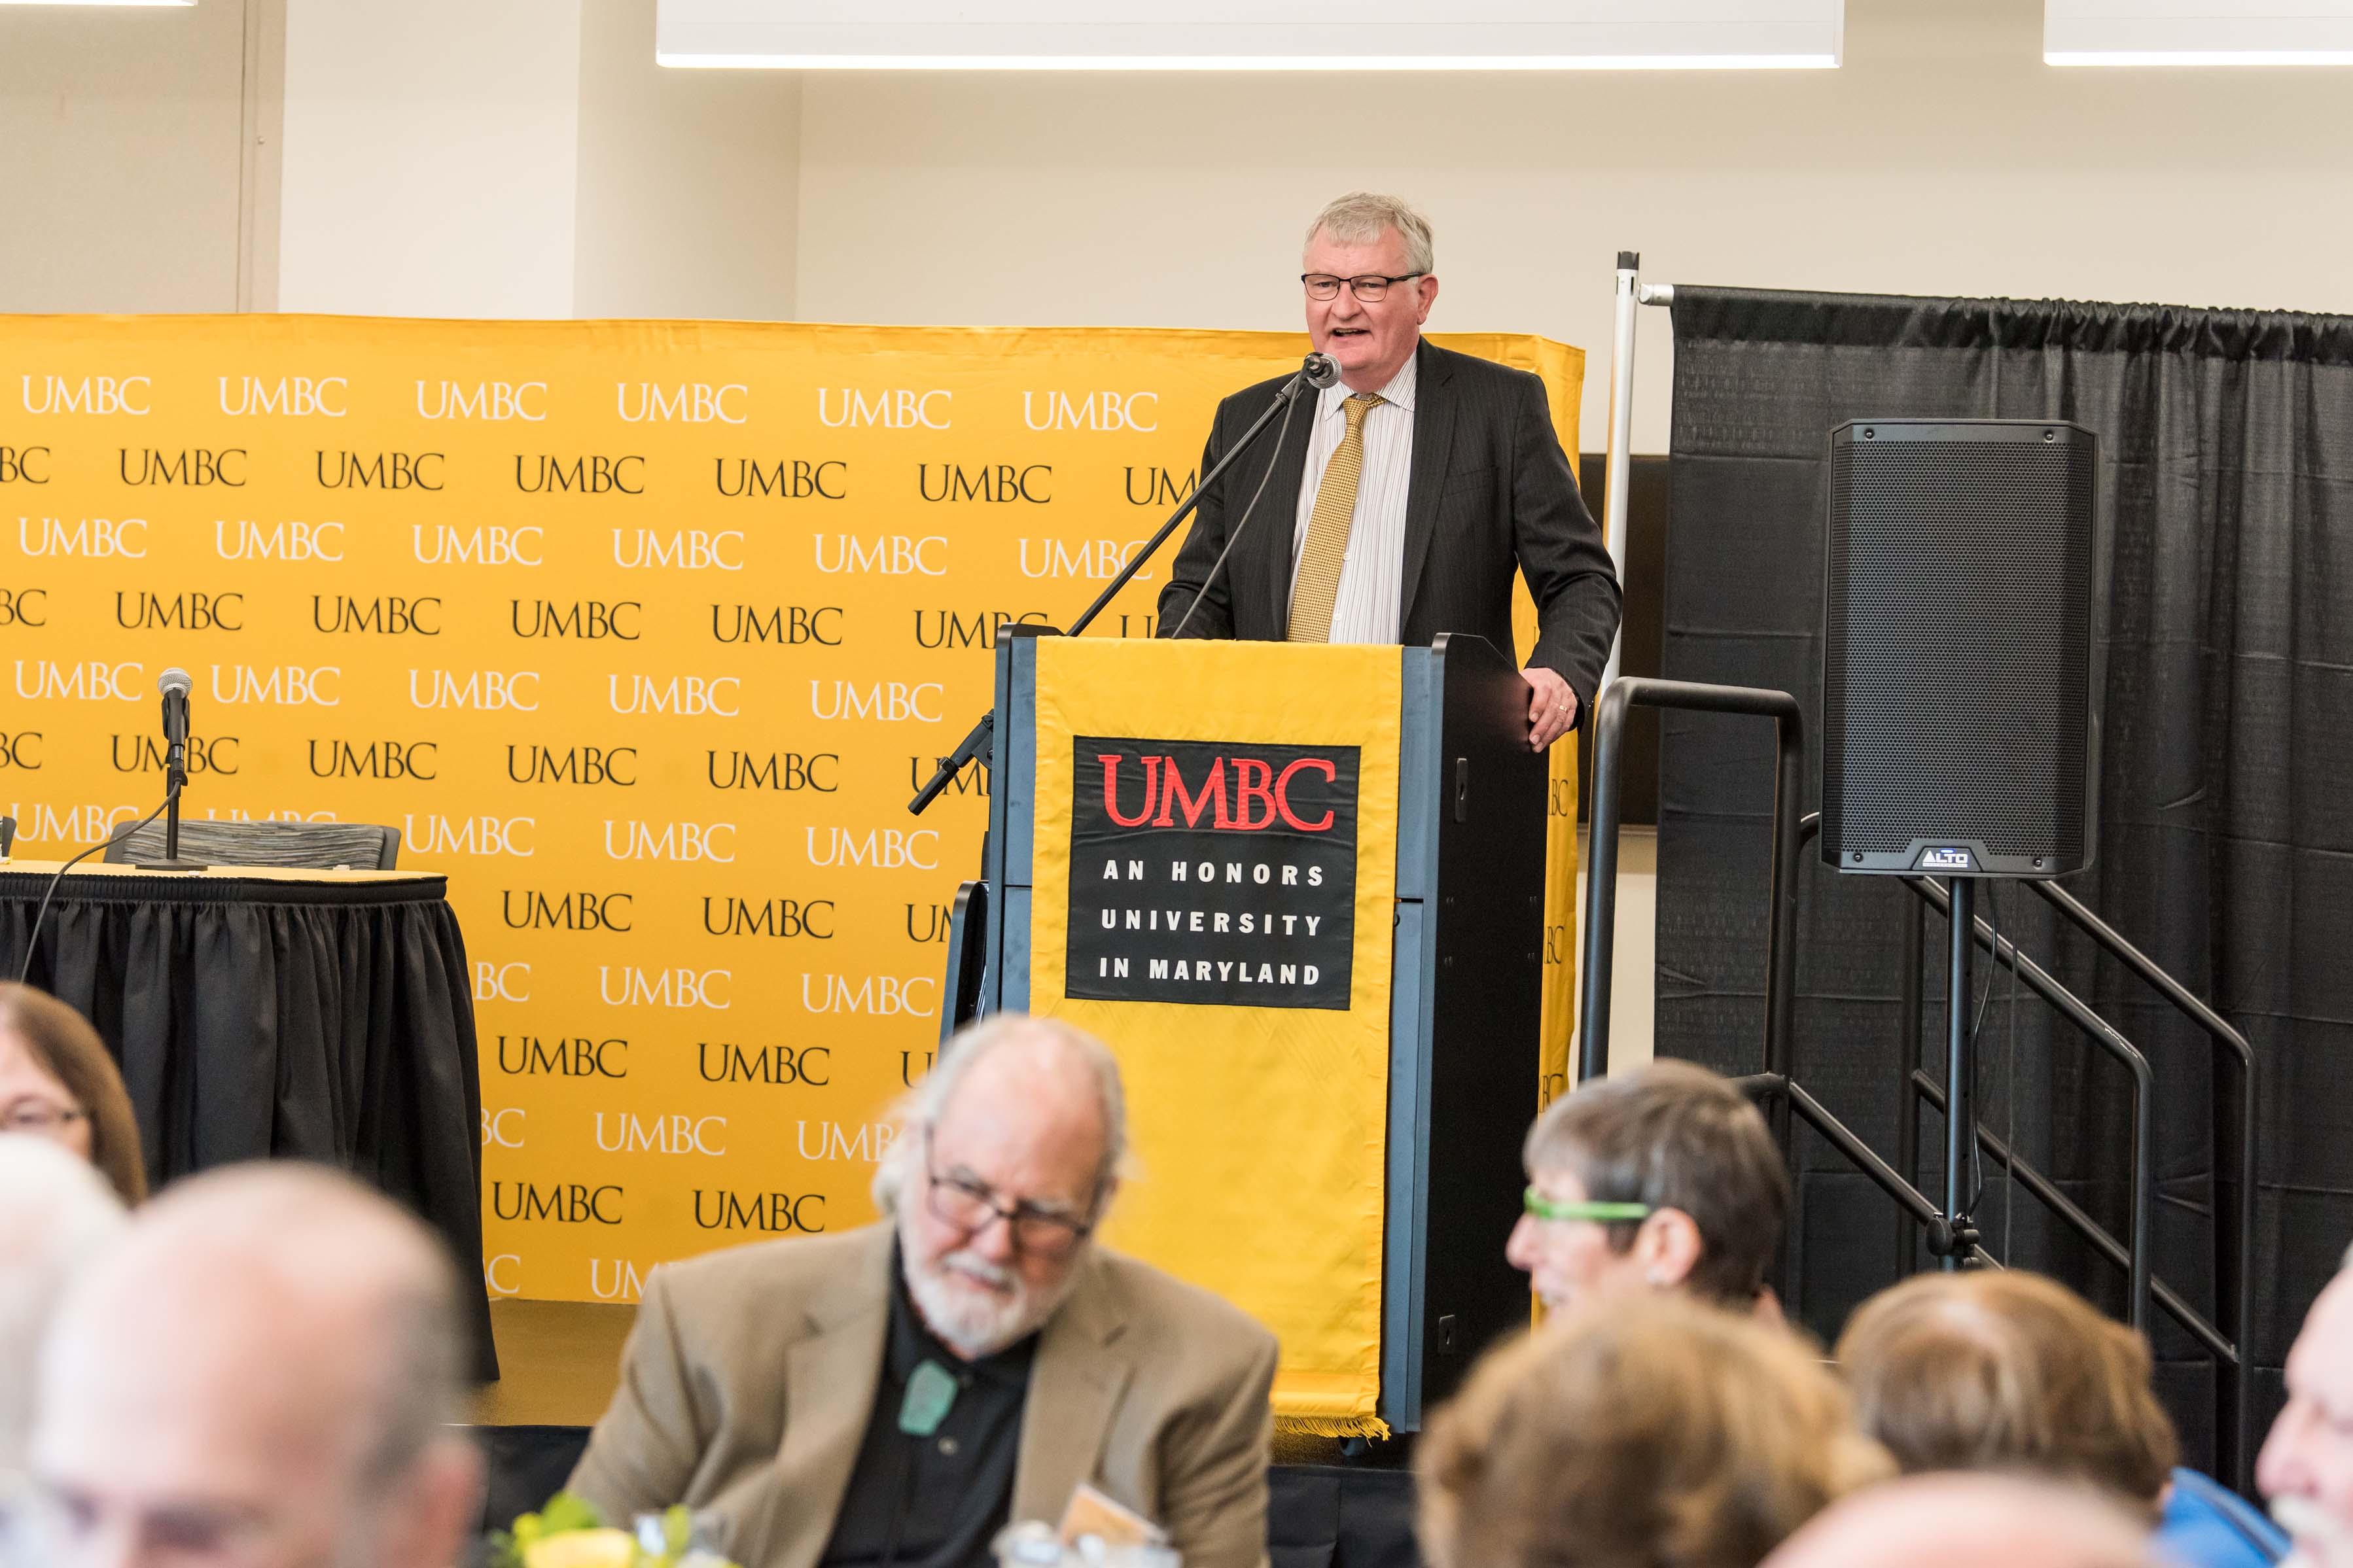 Provost Rous speaks behind UMBC podium